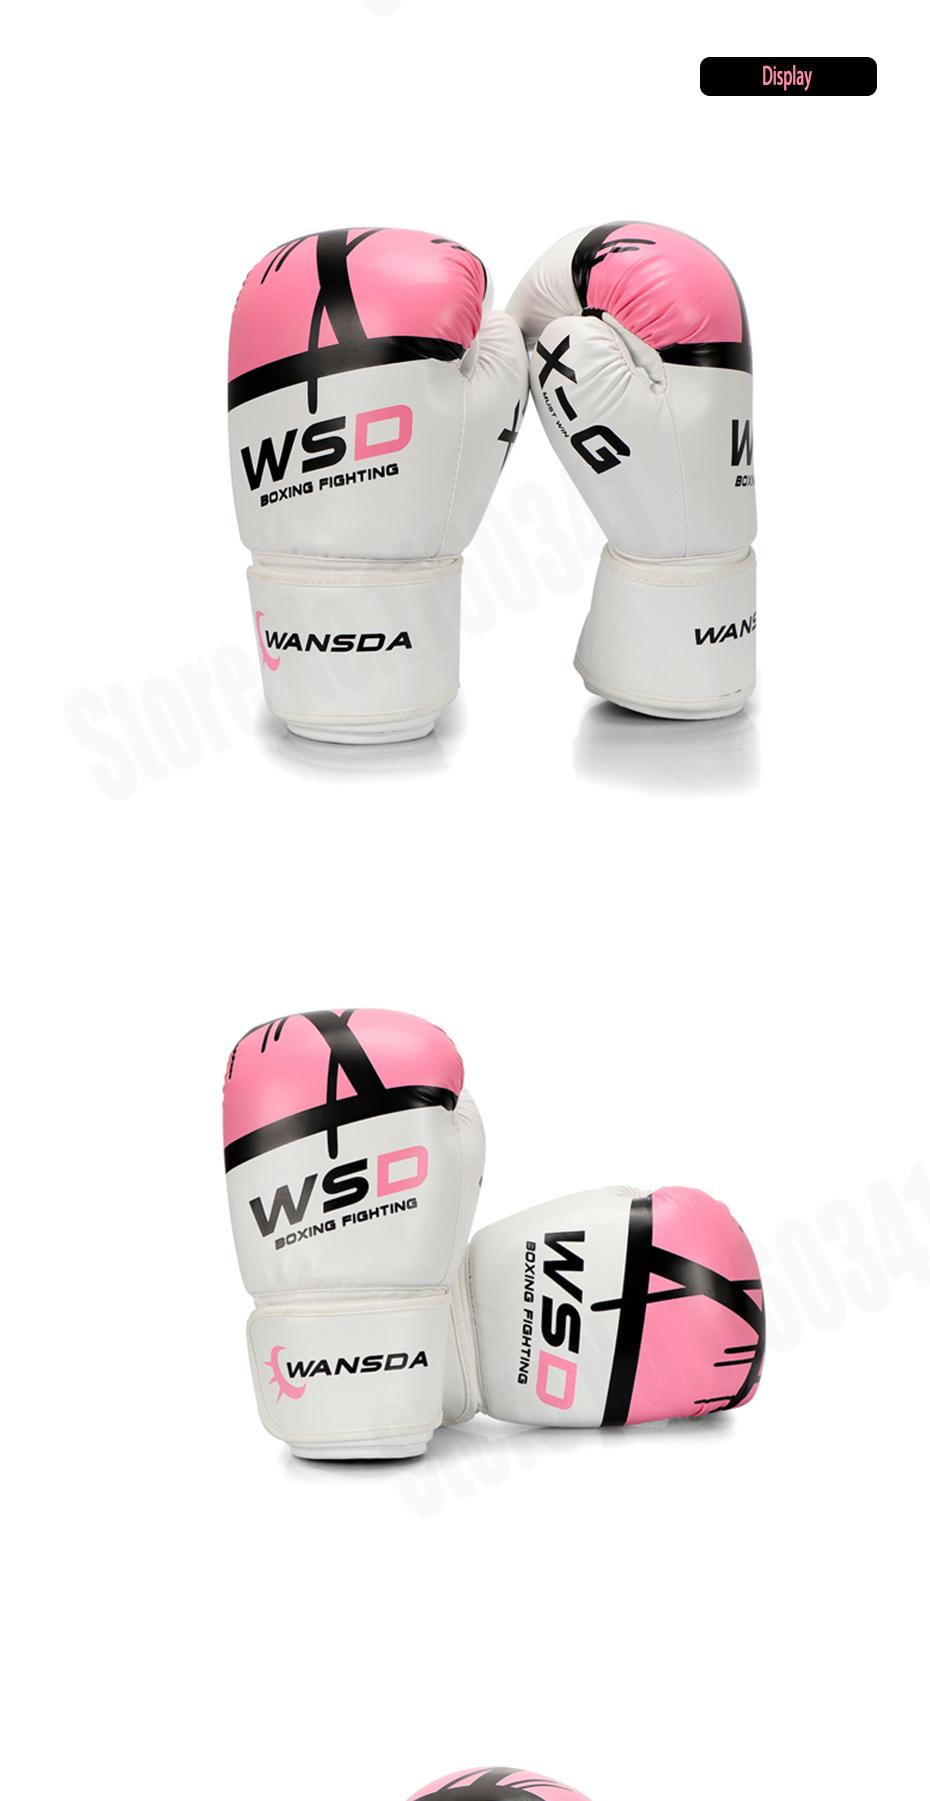 18 New Pink/Gold Men/Women Boxing Fitness Gloves for Sandbag Punch Training MMA Muay Thai Sanda Karate Mitt Equipment 5